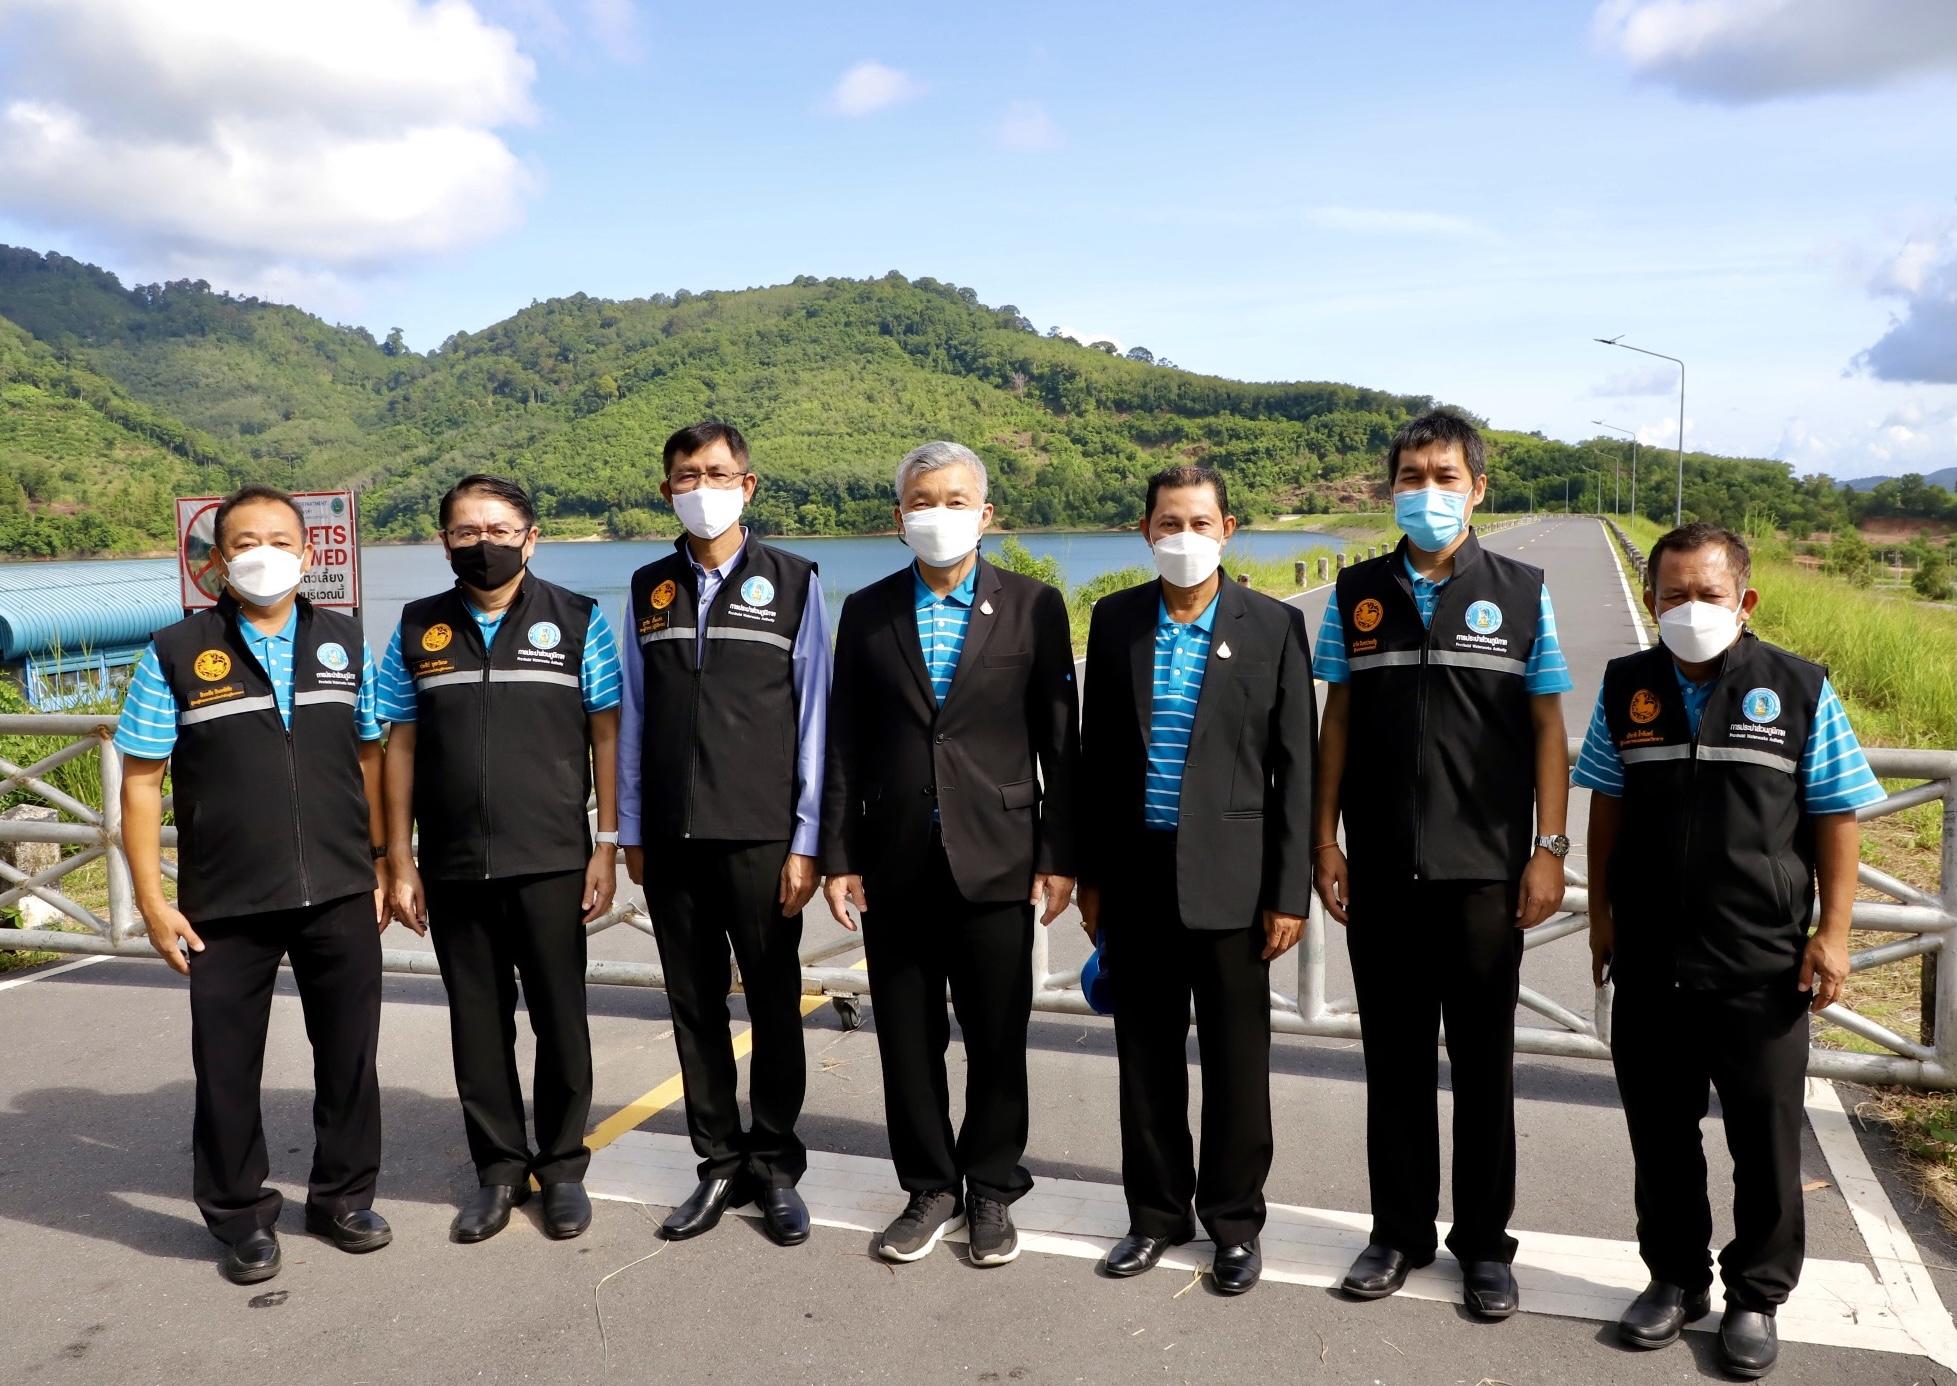 กปภ.ข.4 ต้อนรับผู้ว่าการ กปภ. ลงพื้นที่เตรียมพร้อม Phuket Sandbox